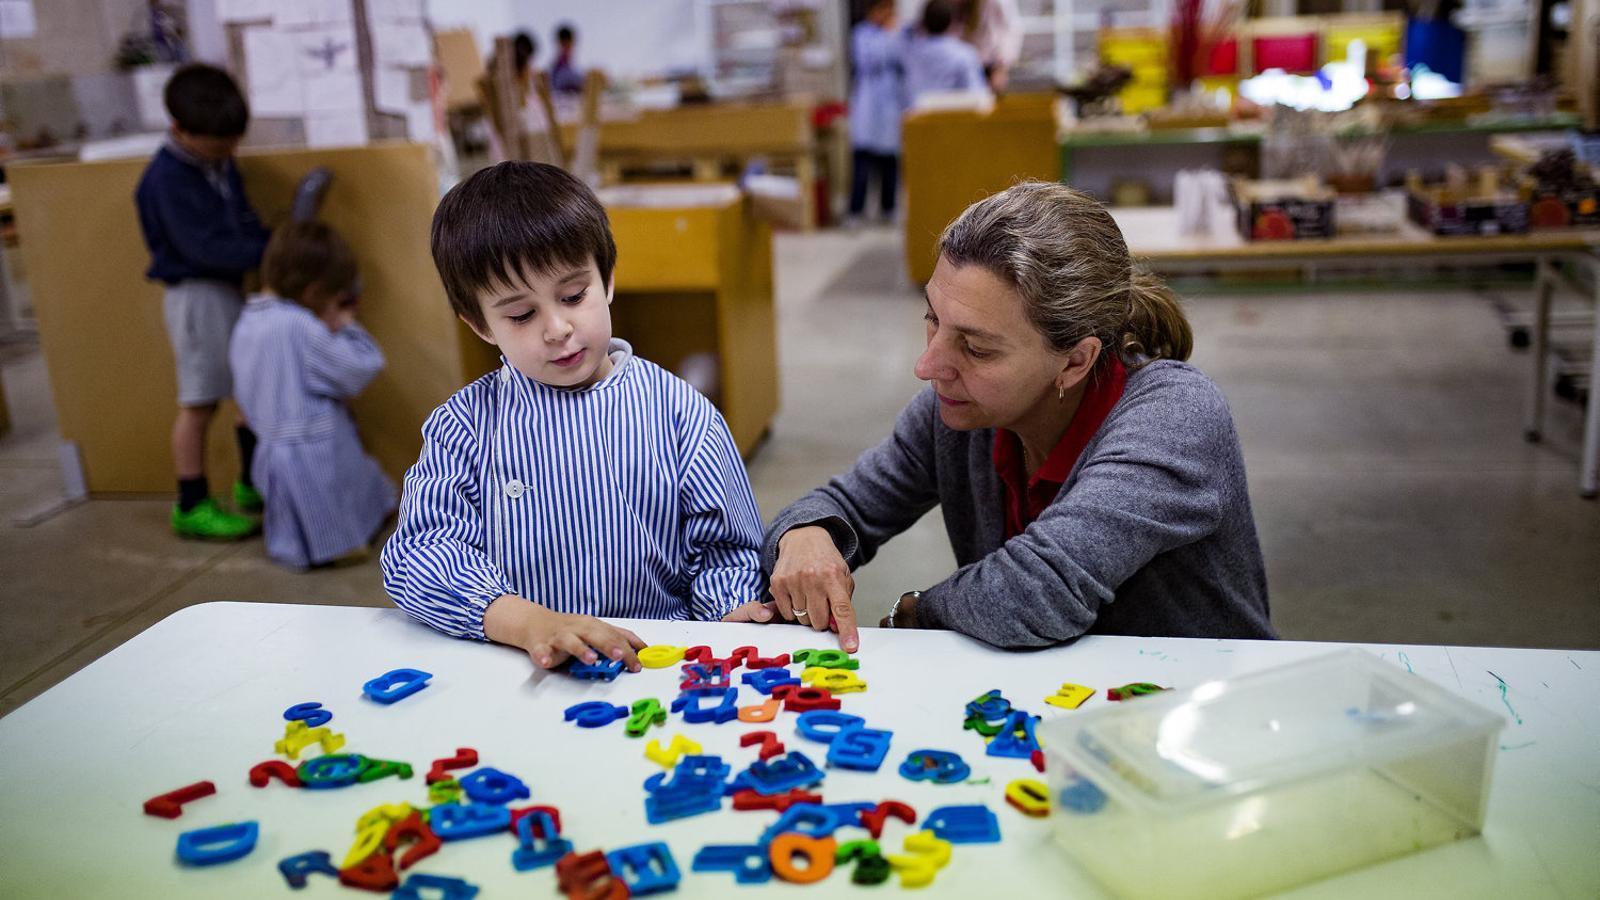 Un nin i una mestra, en una imatge d'arxiu